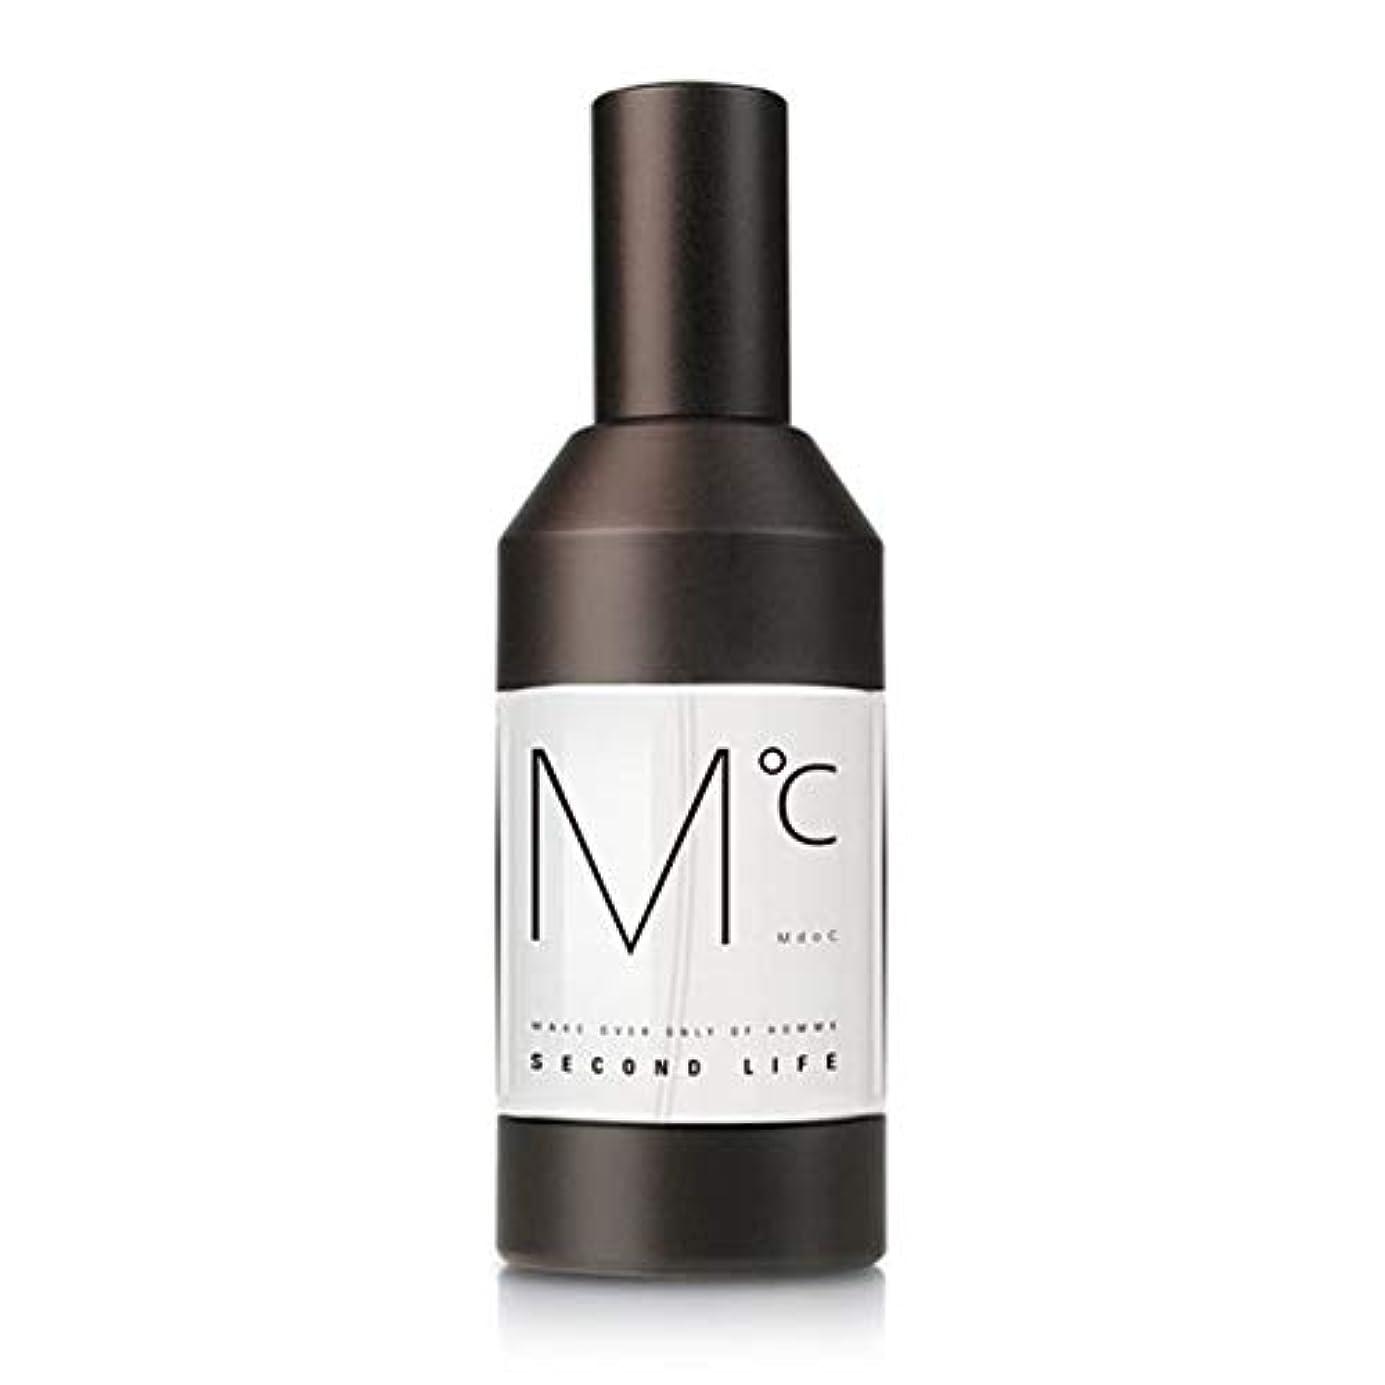 期間挽くトランクM℃SECOND LIFE EAU DE PARFUM香水50ml Men's男性KOREA化粧品MdoC[海外ジクソンプム]